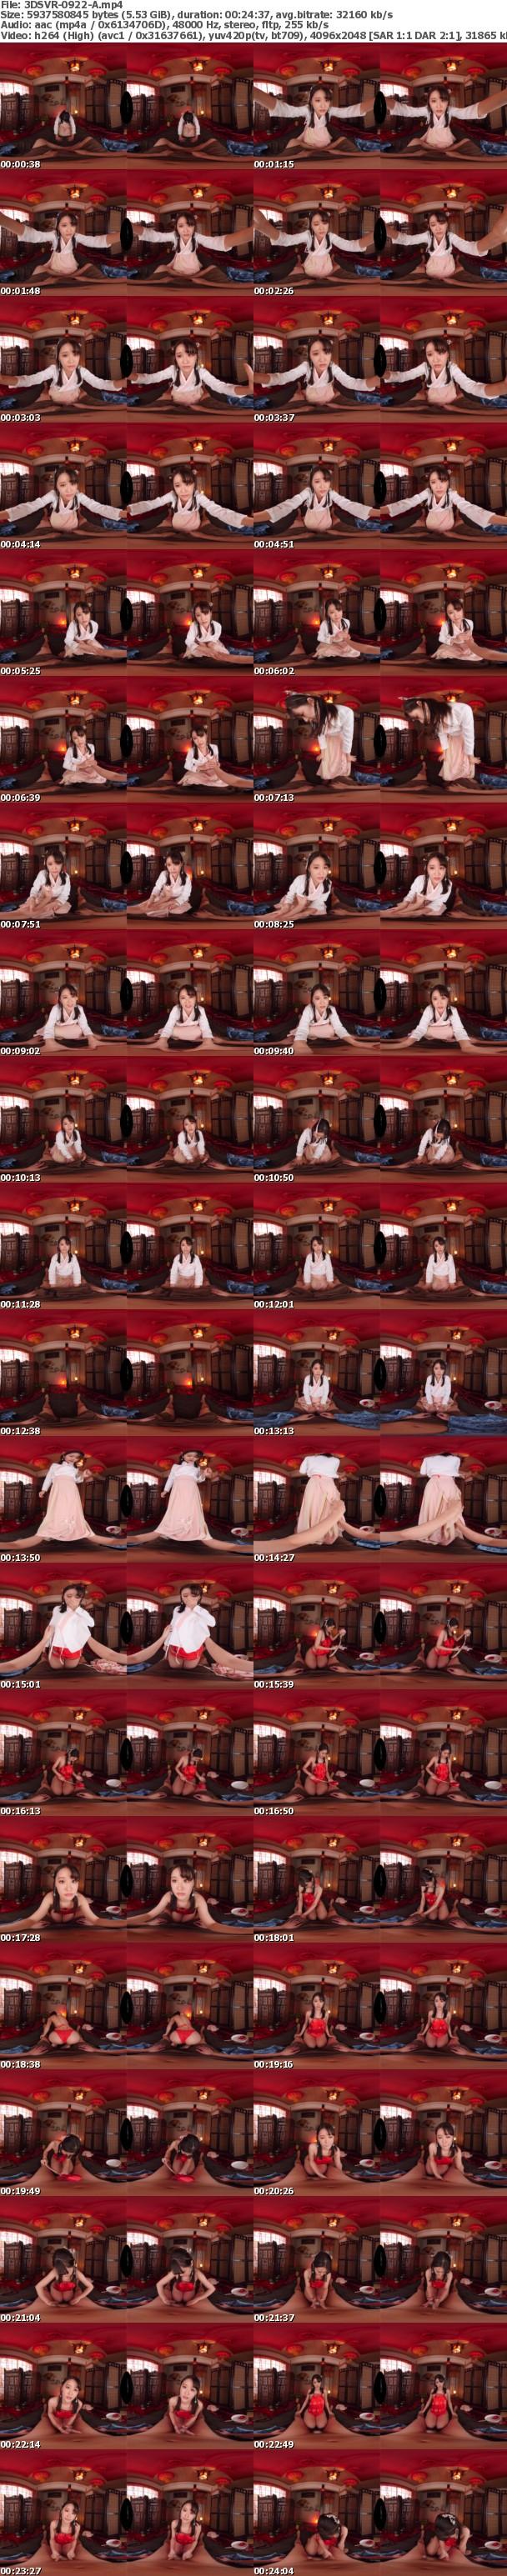 (VR) 3DSVR-0922 宮廷式高級大陸エステ 本物中国美人による密着性交マッサージが売りのお店 陳(新人) 陳美恵